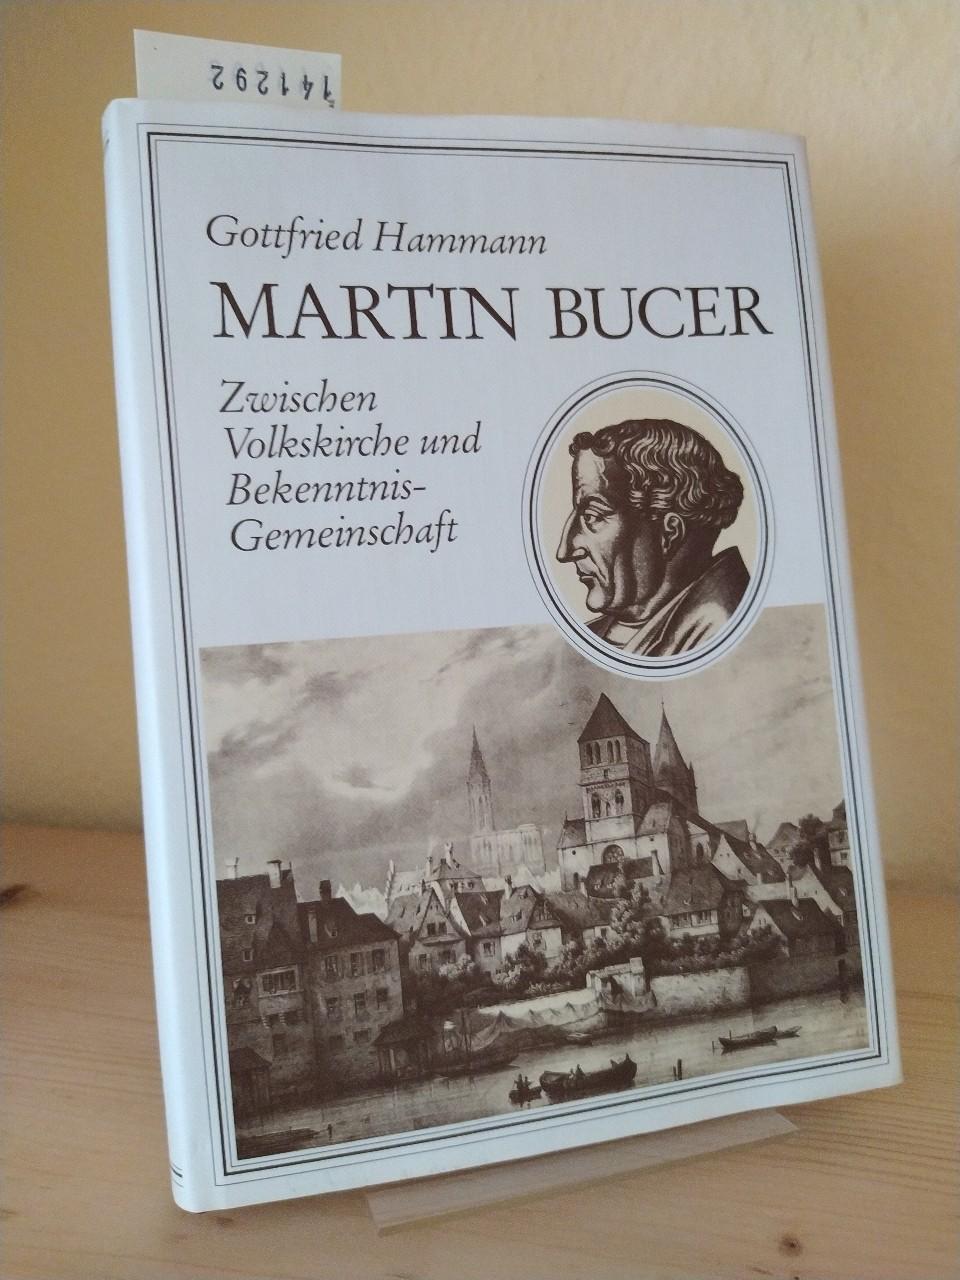 Martin Bucer 1491 - 1551. Zwischen Volkskirche und Bekenntnisgemeinschaft. [Von Gottfried Hammann]. (= Veröffentlichungen des Instituts für Europäische Geschichte Mainz, Abteilung für Abendländische Religionsgeschichte, Band 139).